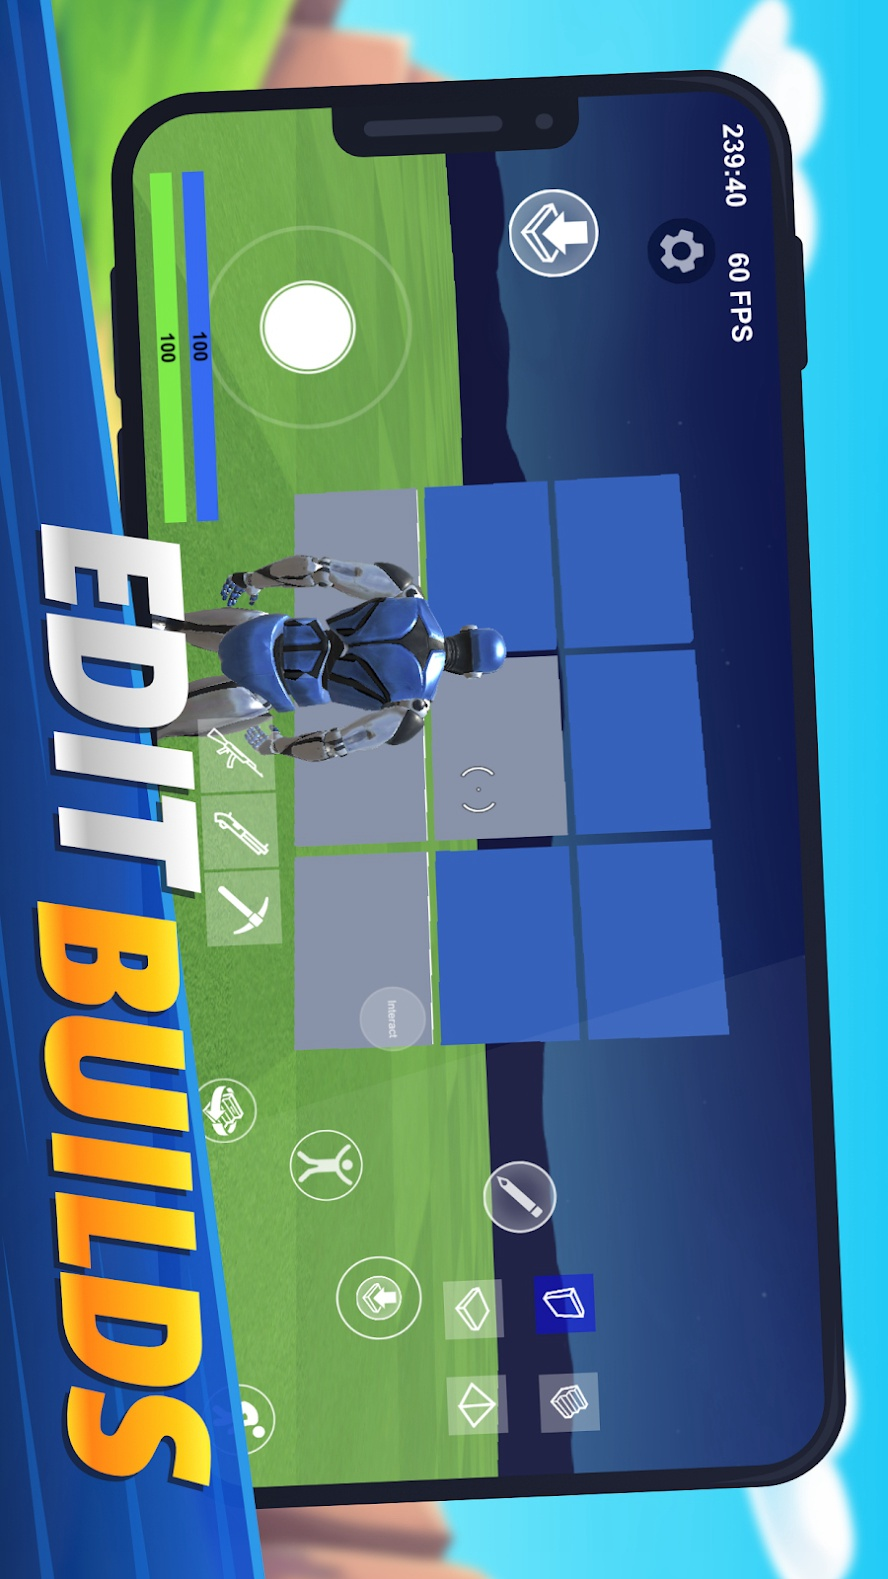 线上建筑射击模拟器最新破解版游戏截图